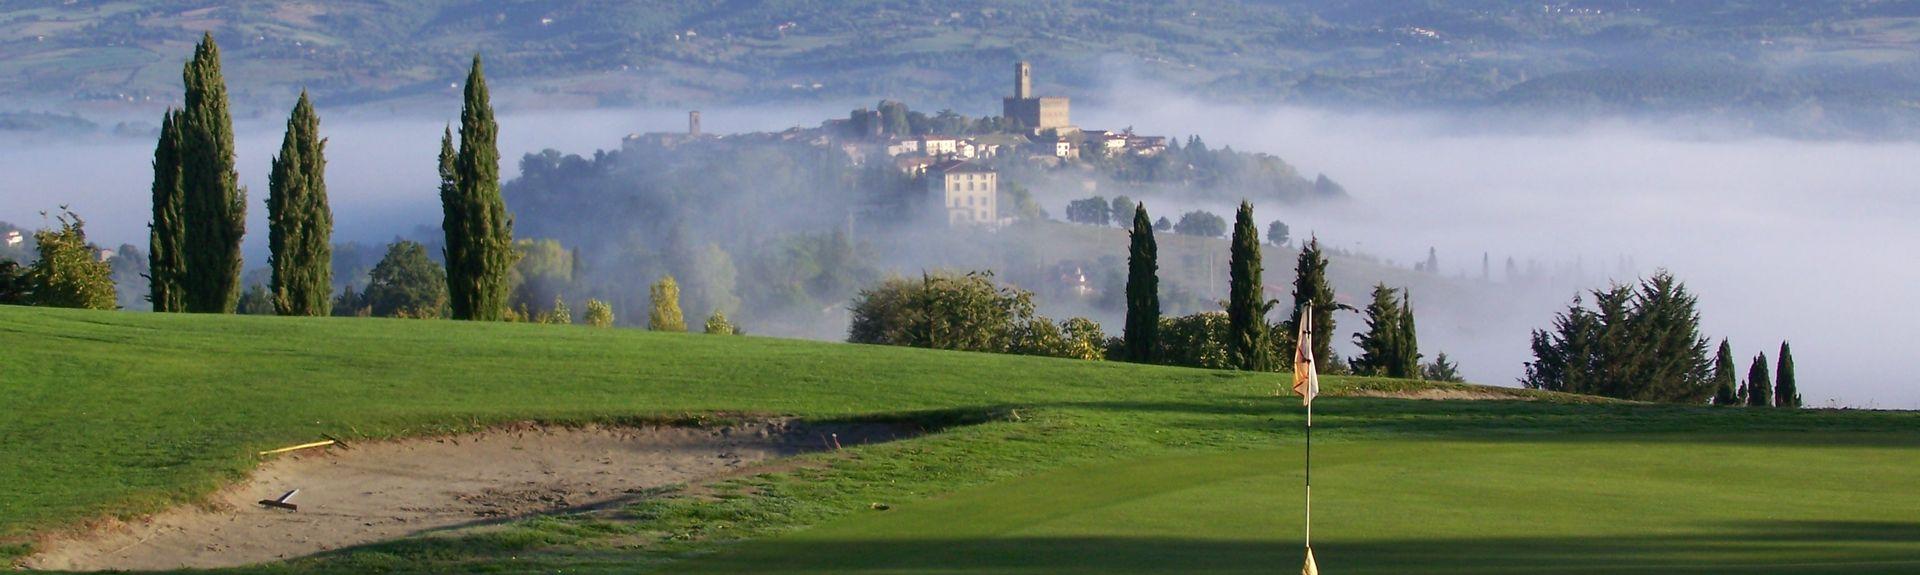 Pelago, Tuscany, Italy